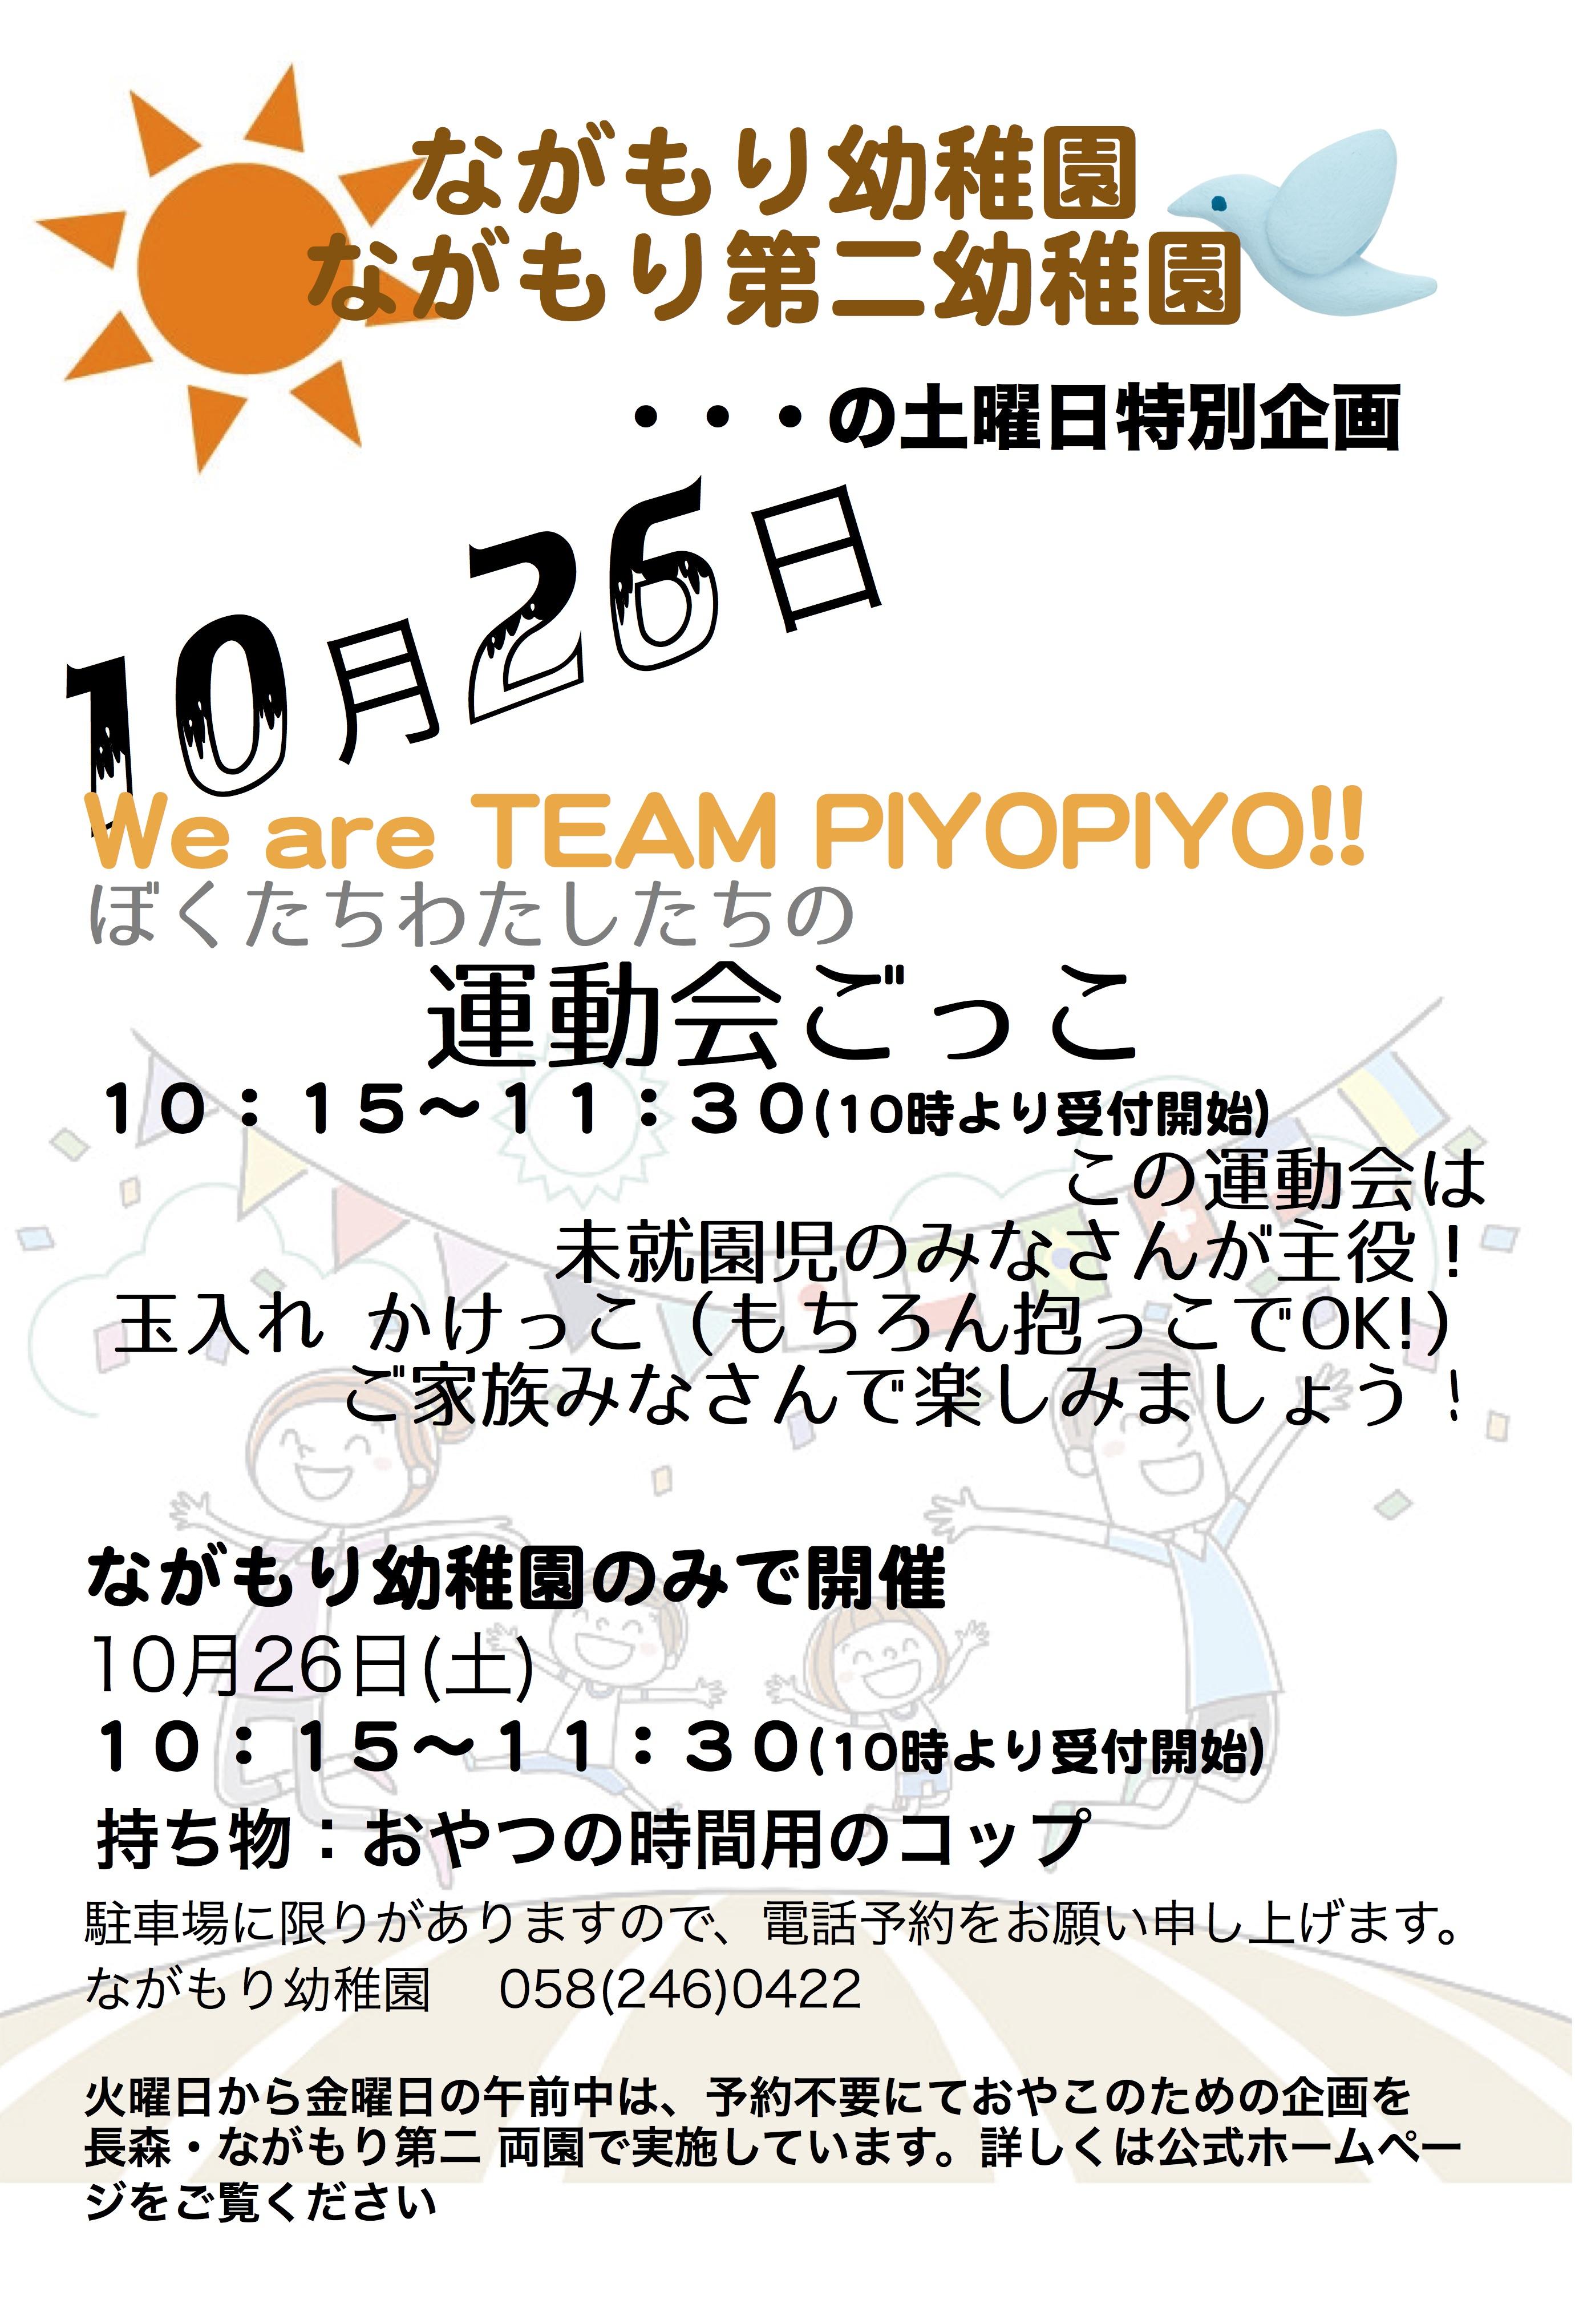 [親子の広場] ぴよぴよ・土曜日は、ぴよちゃん運動会!